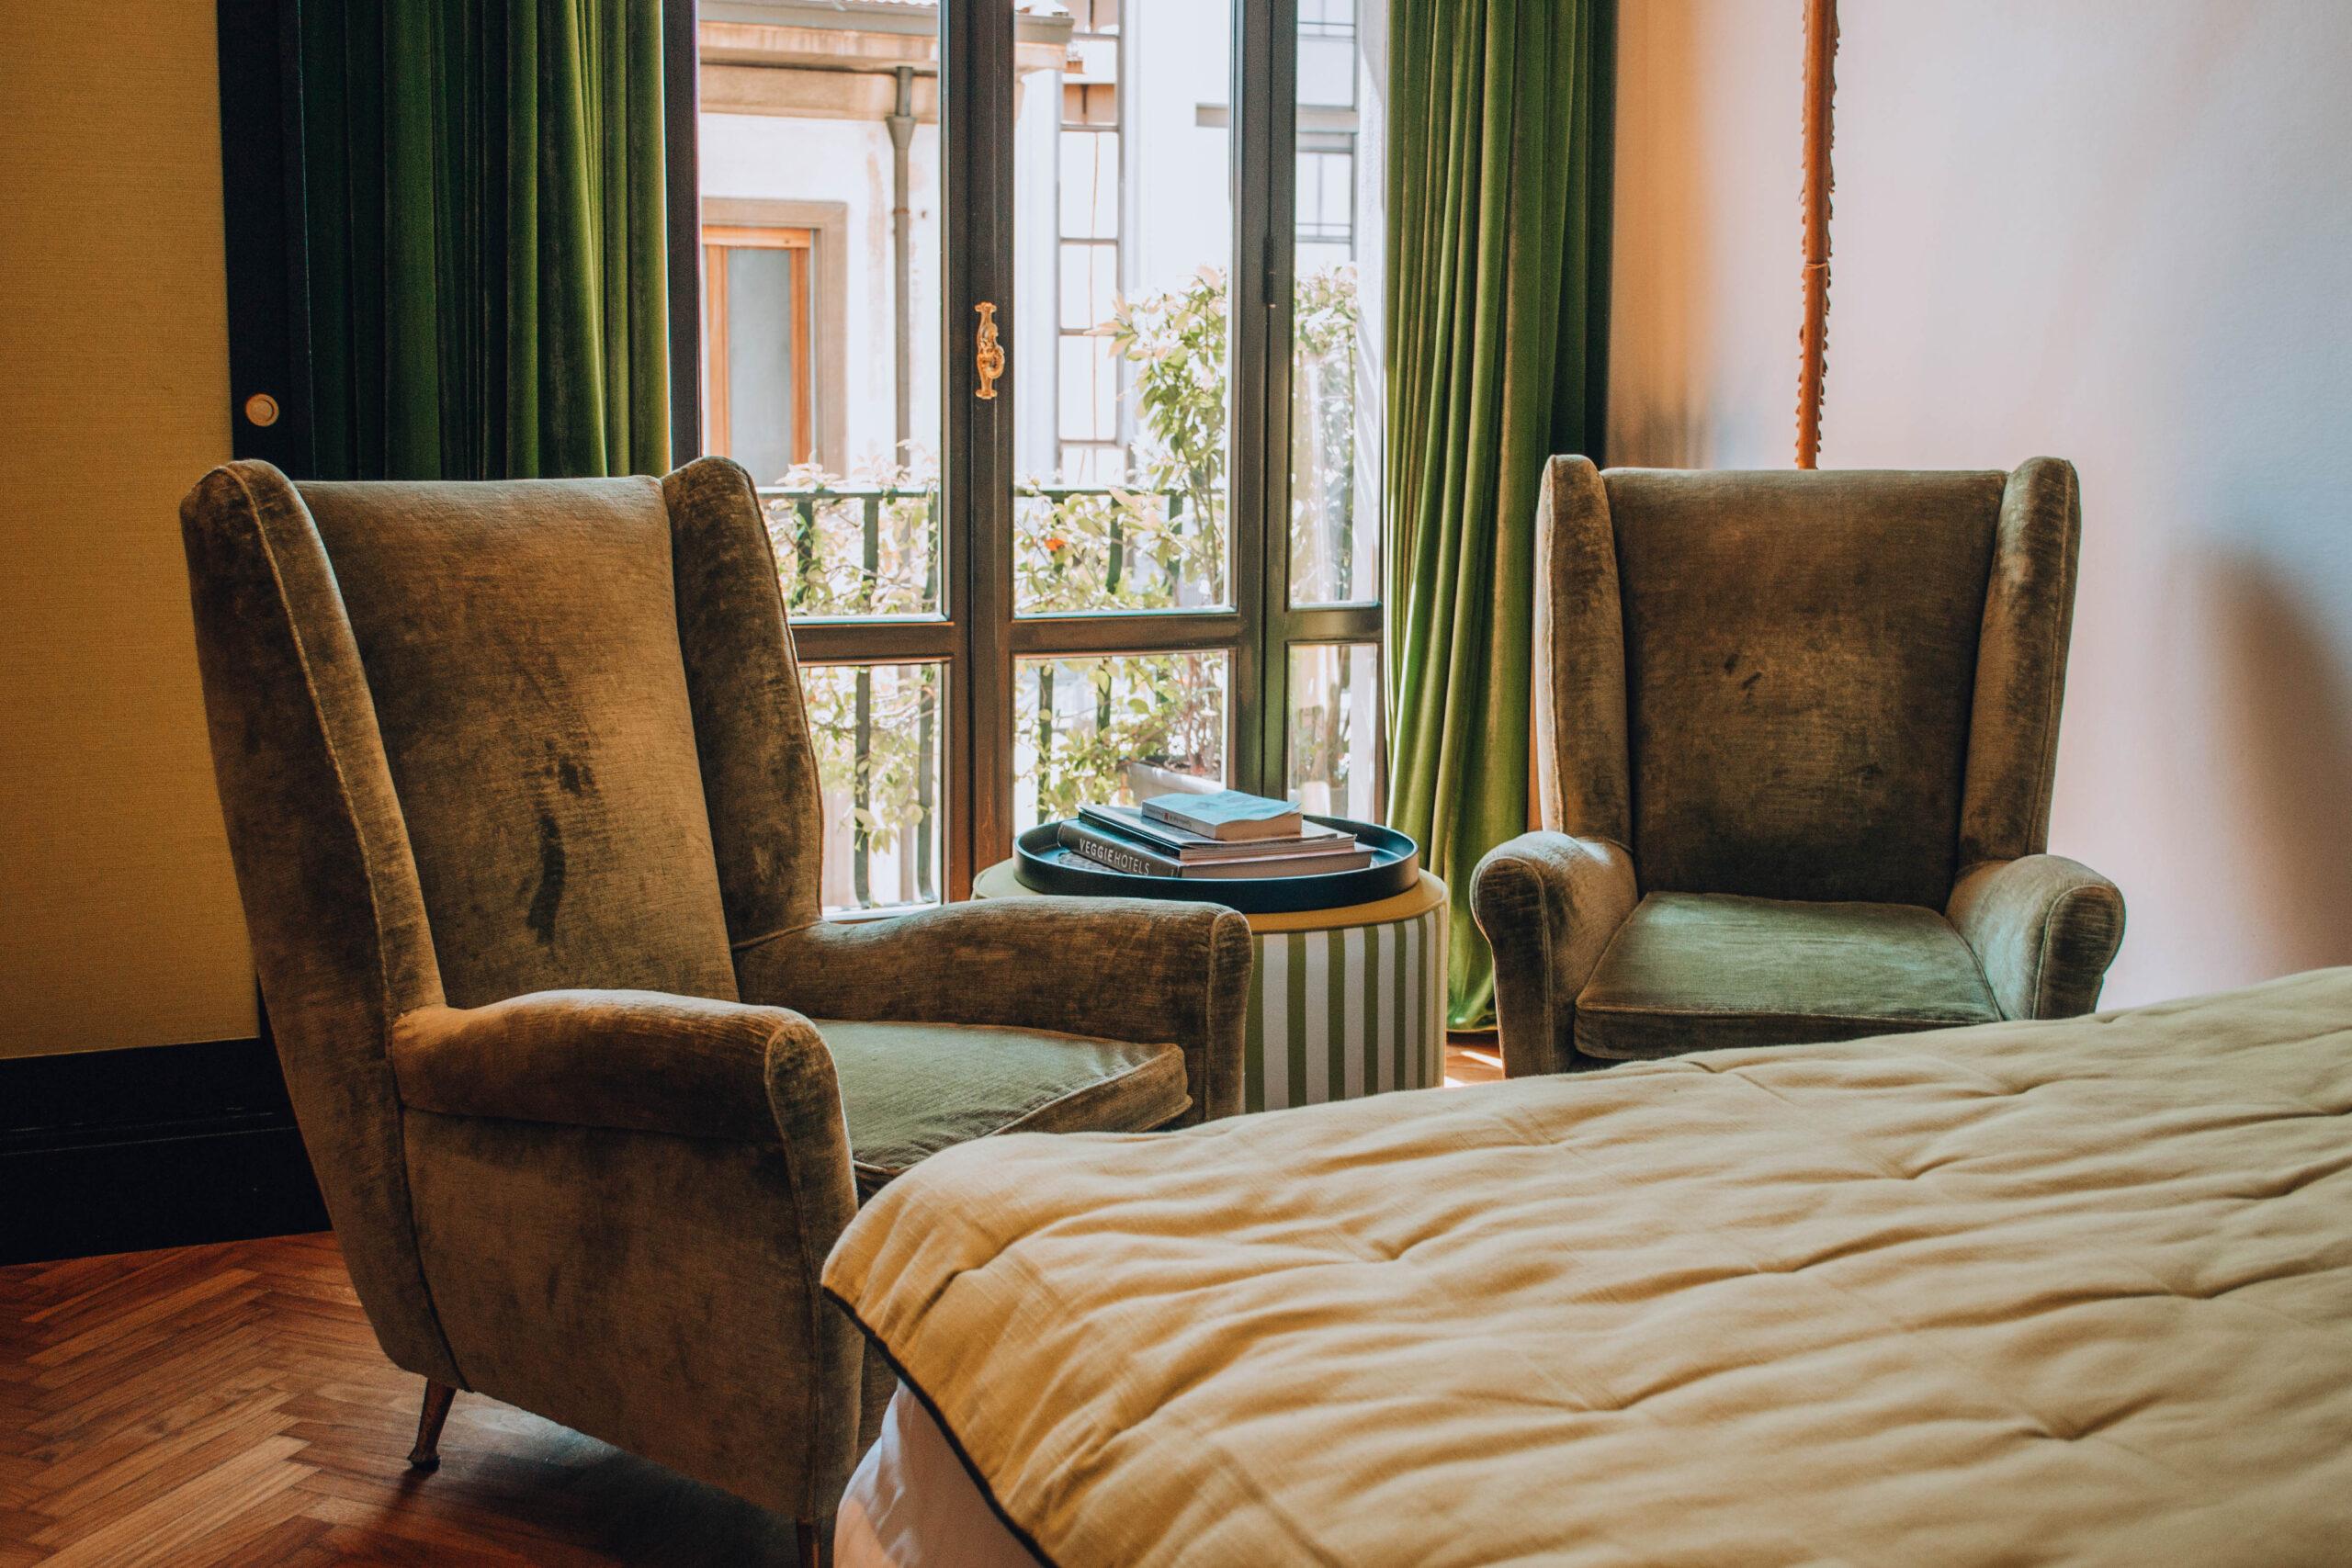 poltrone verdi e tavolino con libri posti sopra